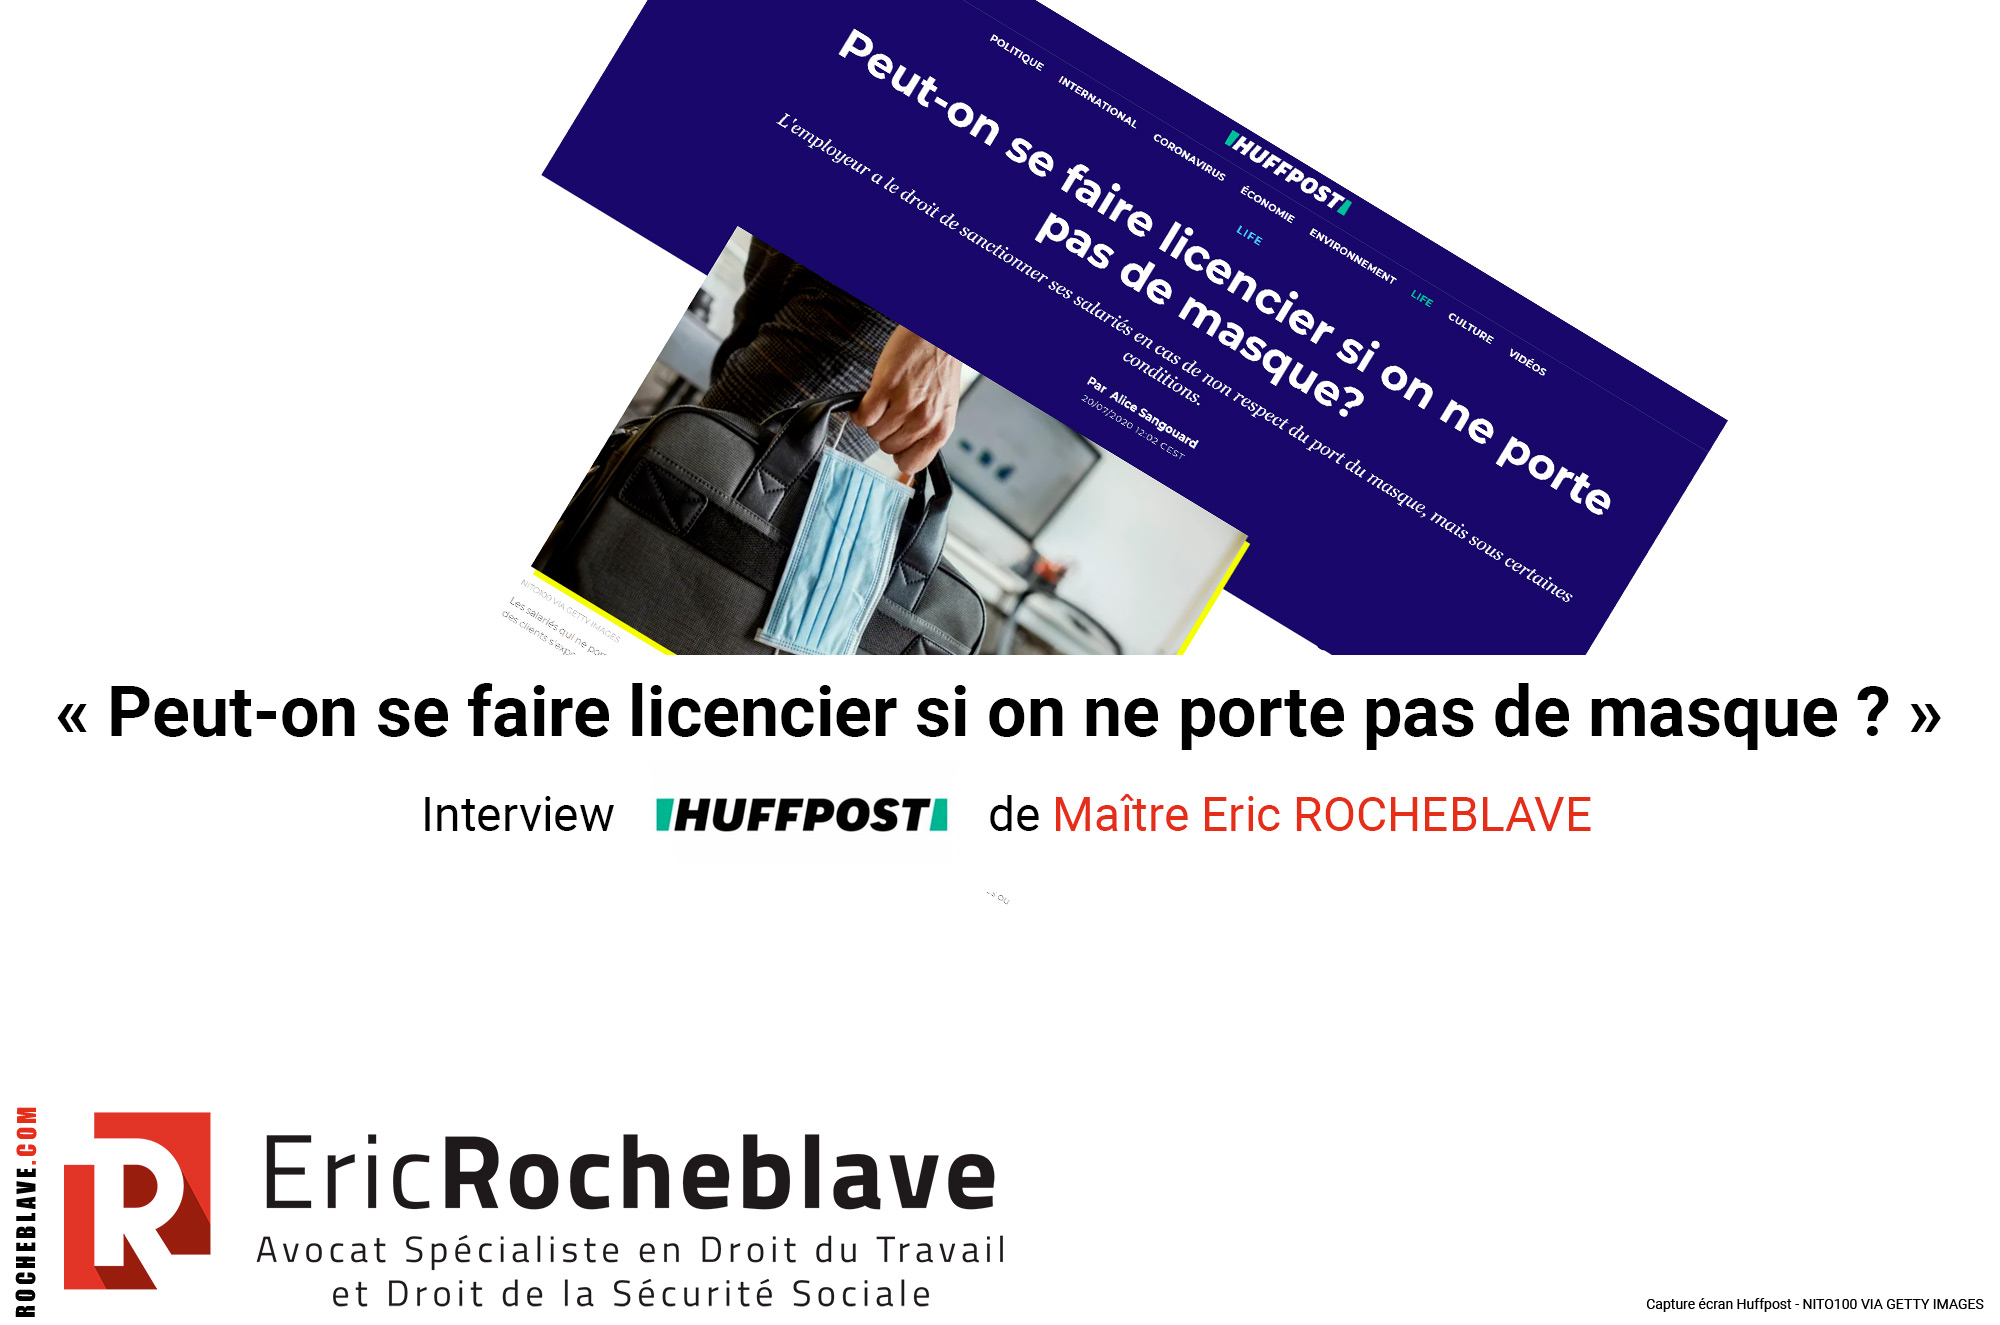 « Peut-on se faire licencier si on ne porte pas de masque ? » Interview HUFFPOST de Maître Eric ROCHEBLAVE